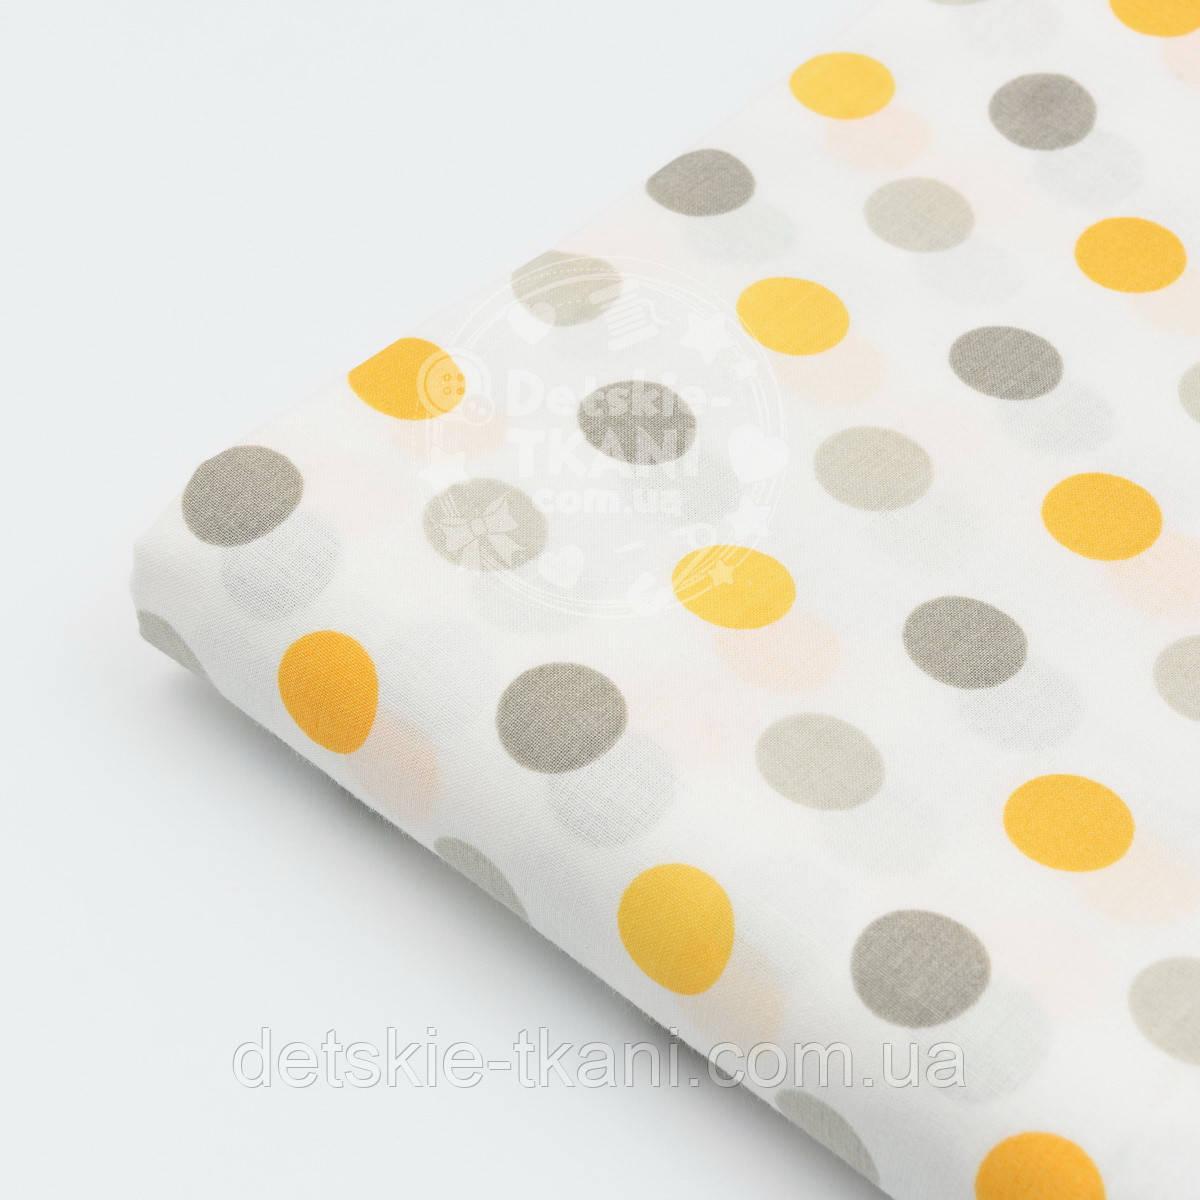 Лоскут ткани №268а  с серыми и жёлтыми горохами, размер 49*80 см